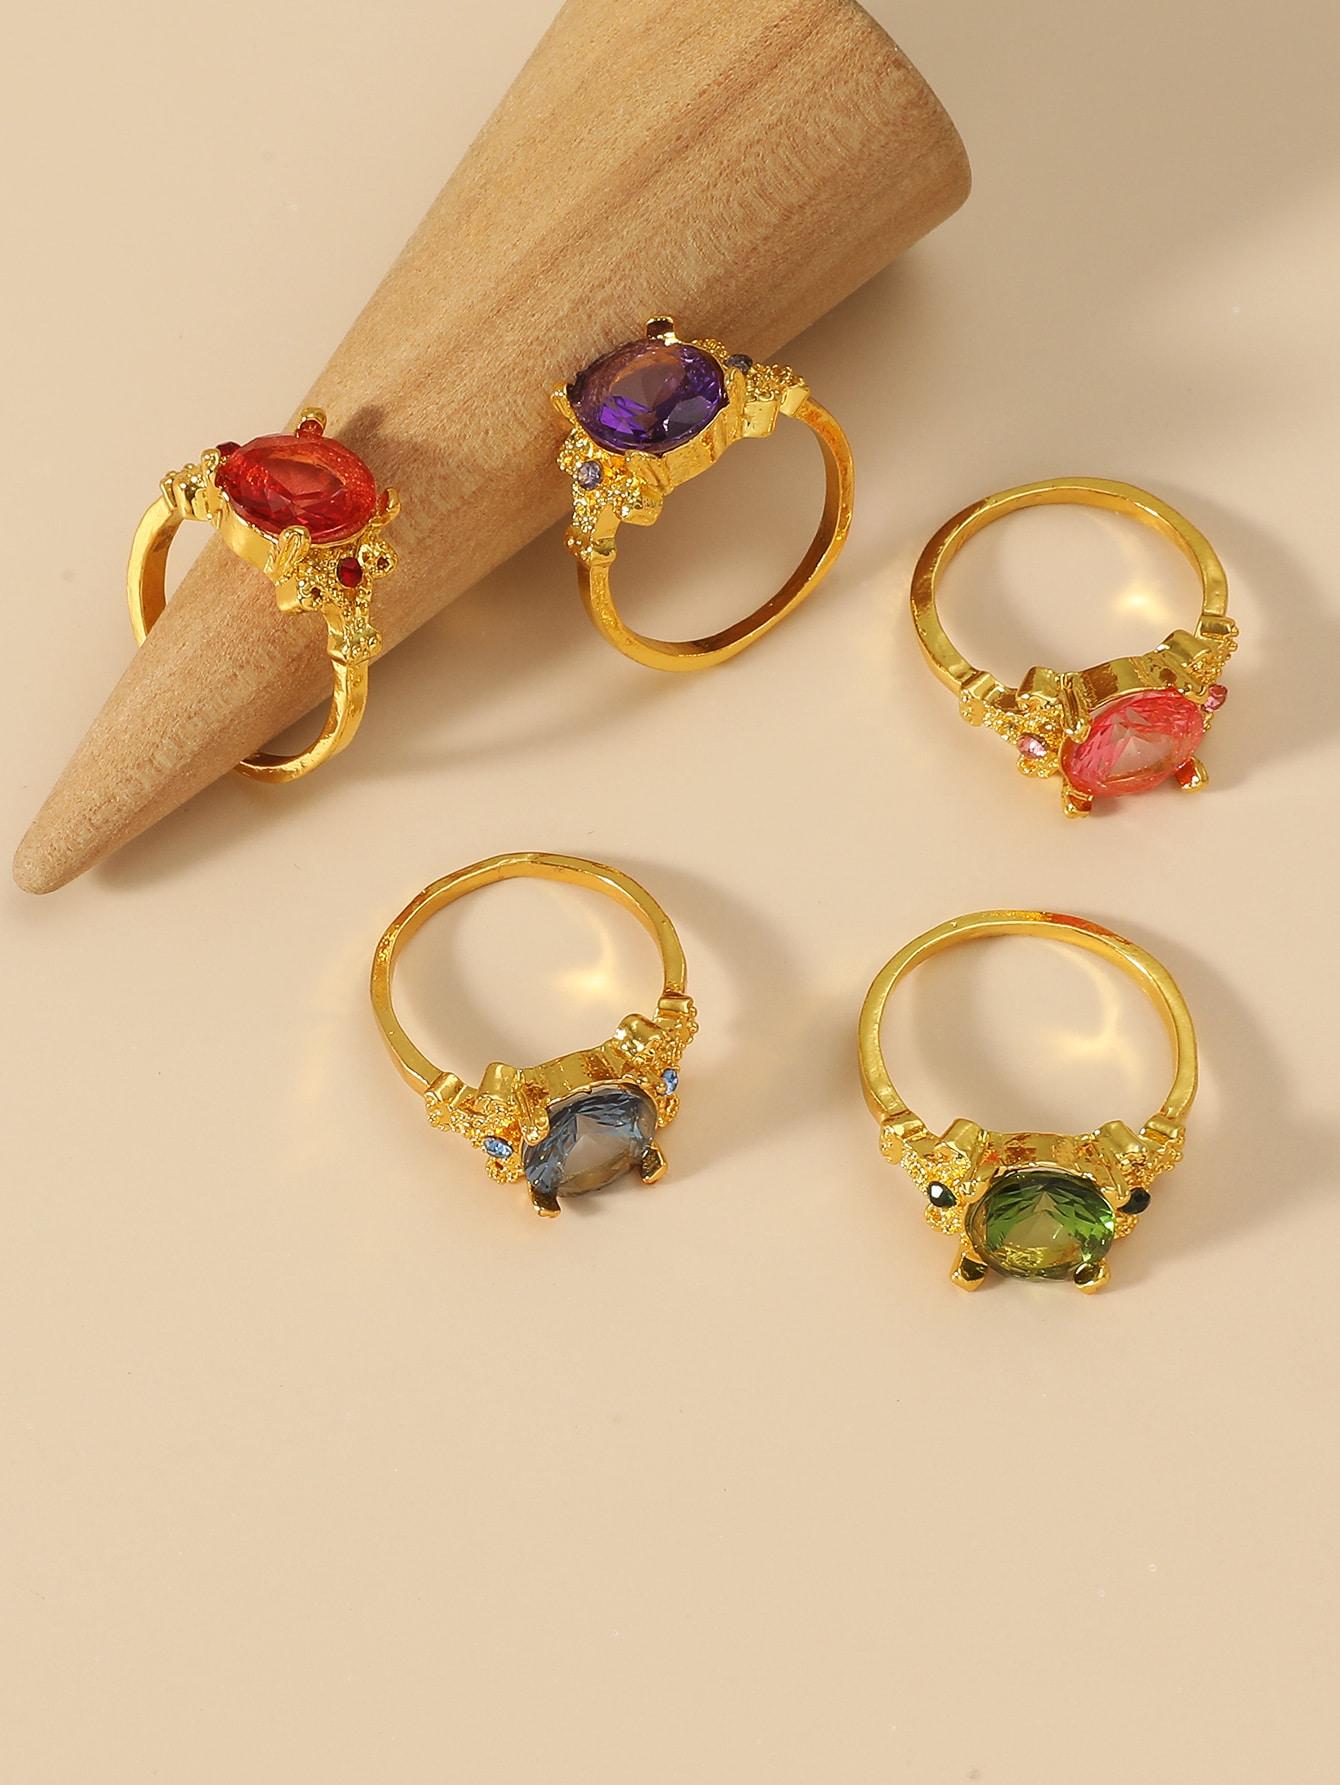 5pcs Rhinestone Decor Ring thumbnail